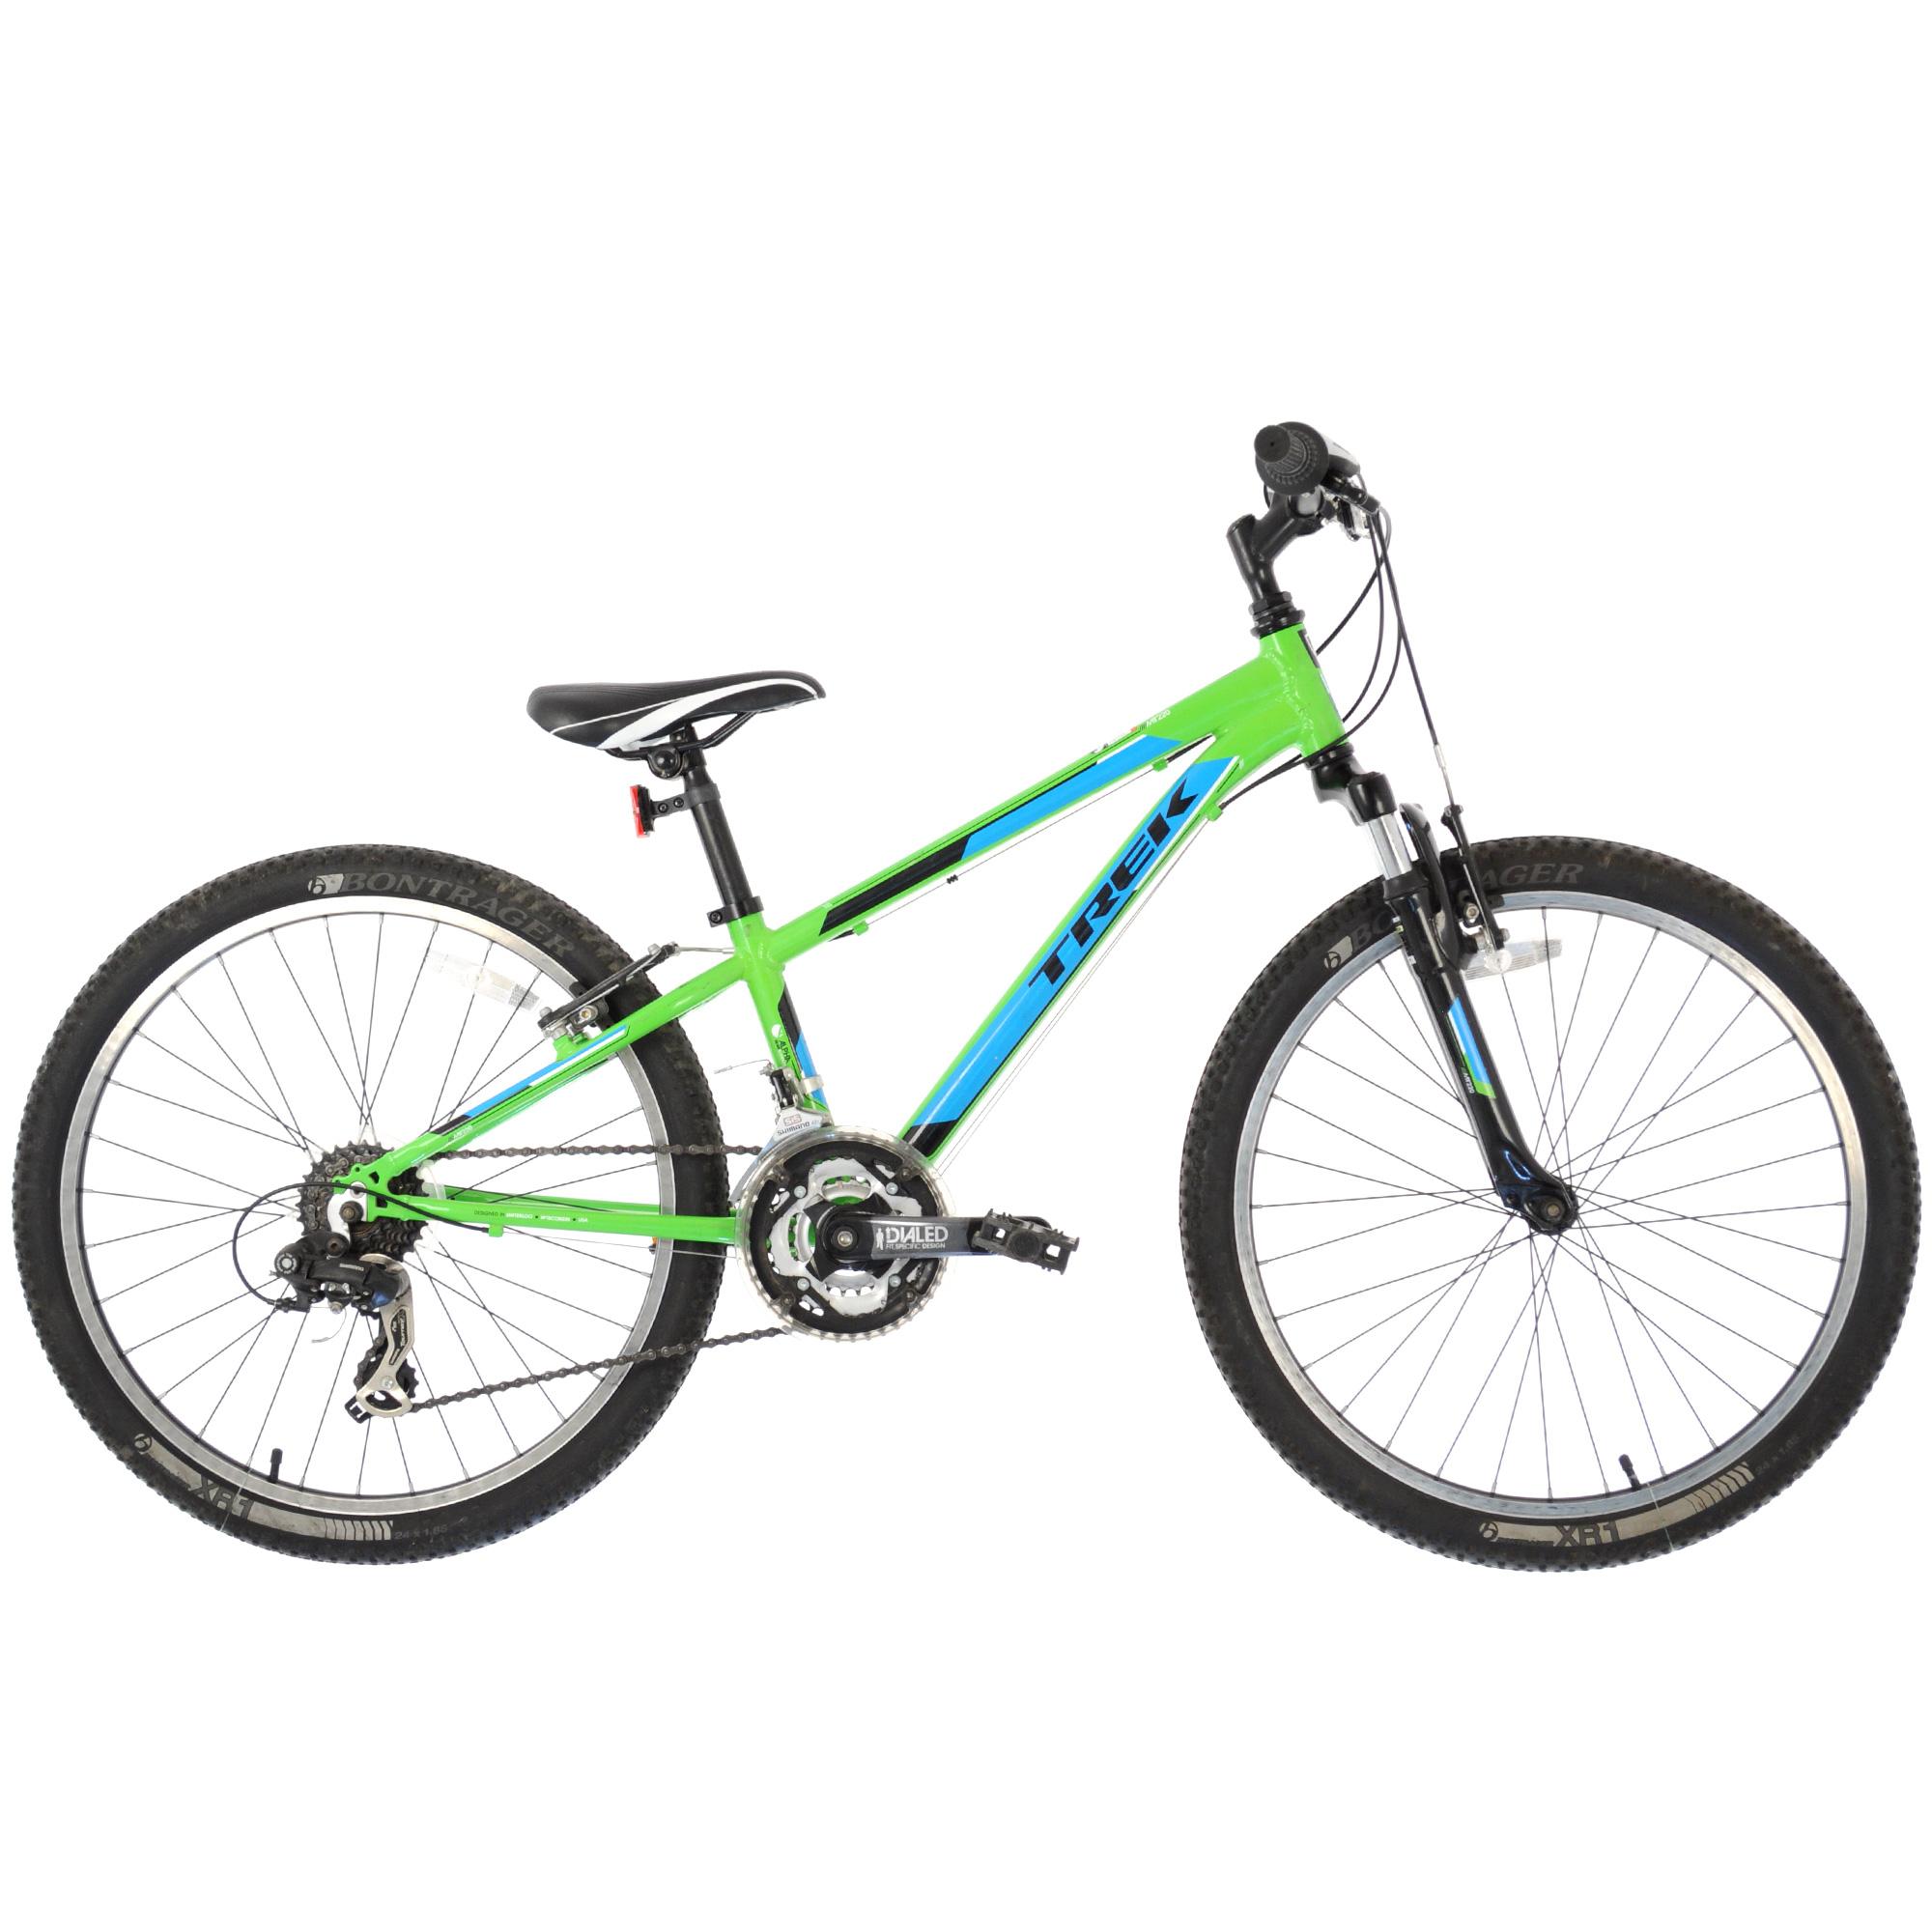 2ddd573368a Trek MT 220 - Wheel & Sprocket   One of America's Best Bike Shops